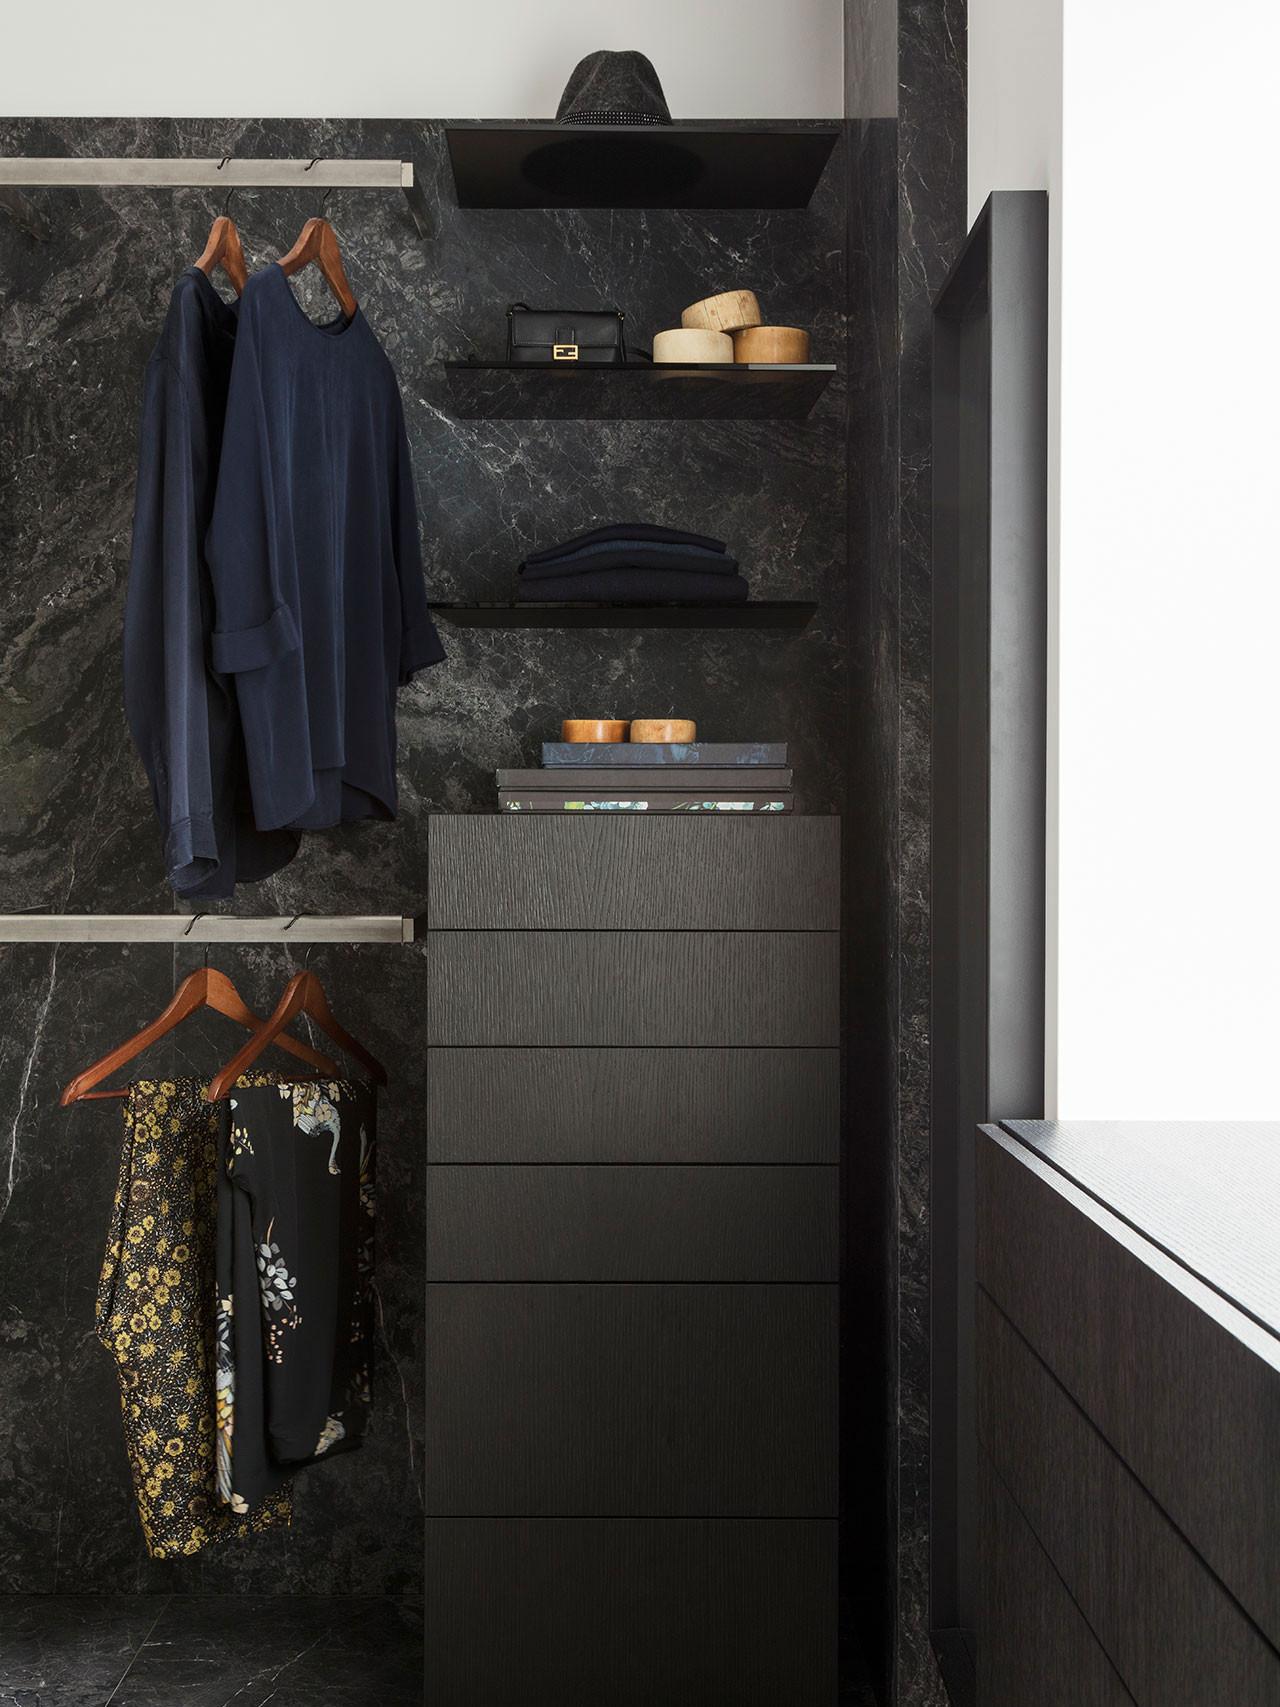 totaalinrichting-badkamer-dressing-eik-marmer-2.jpg